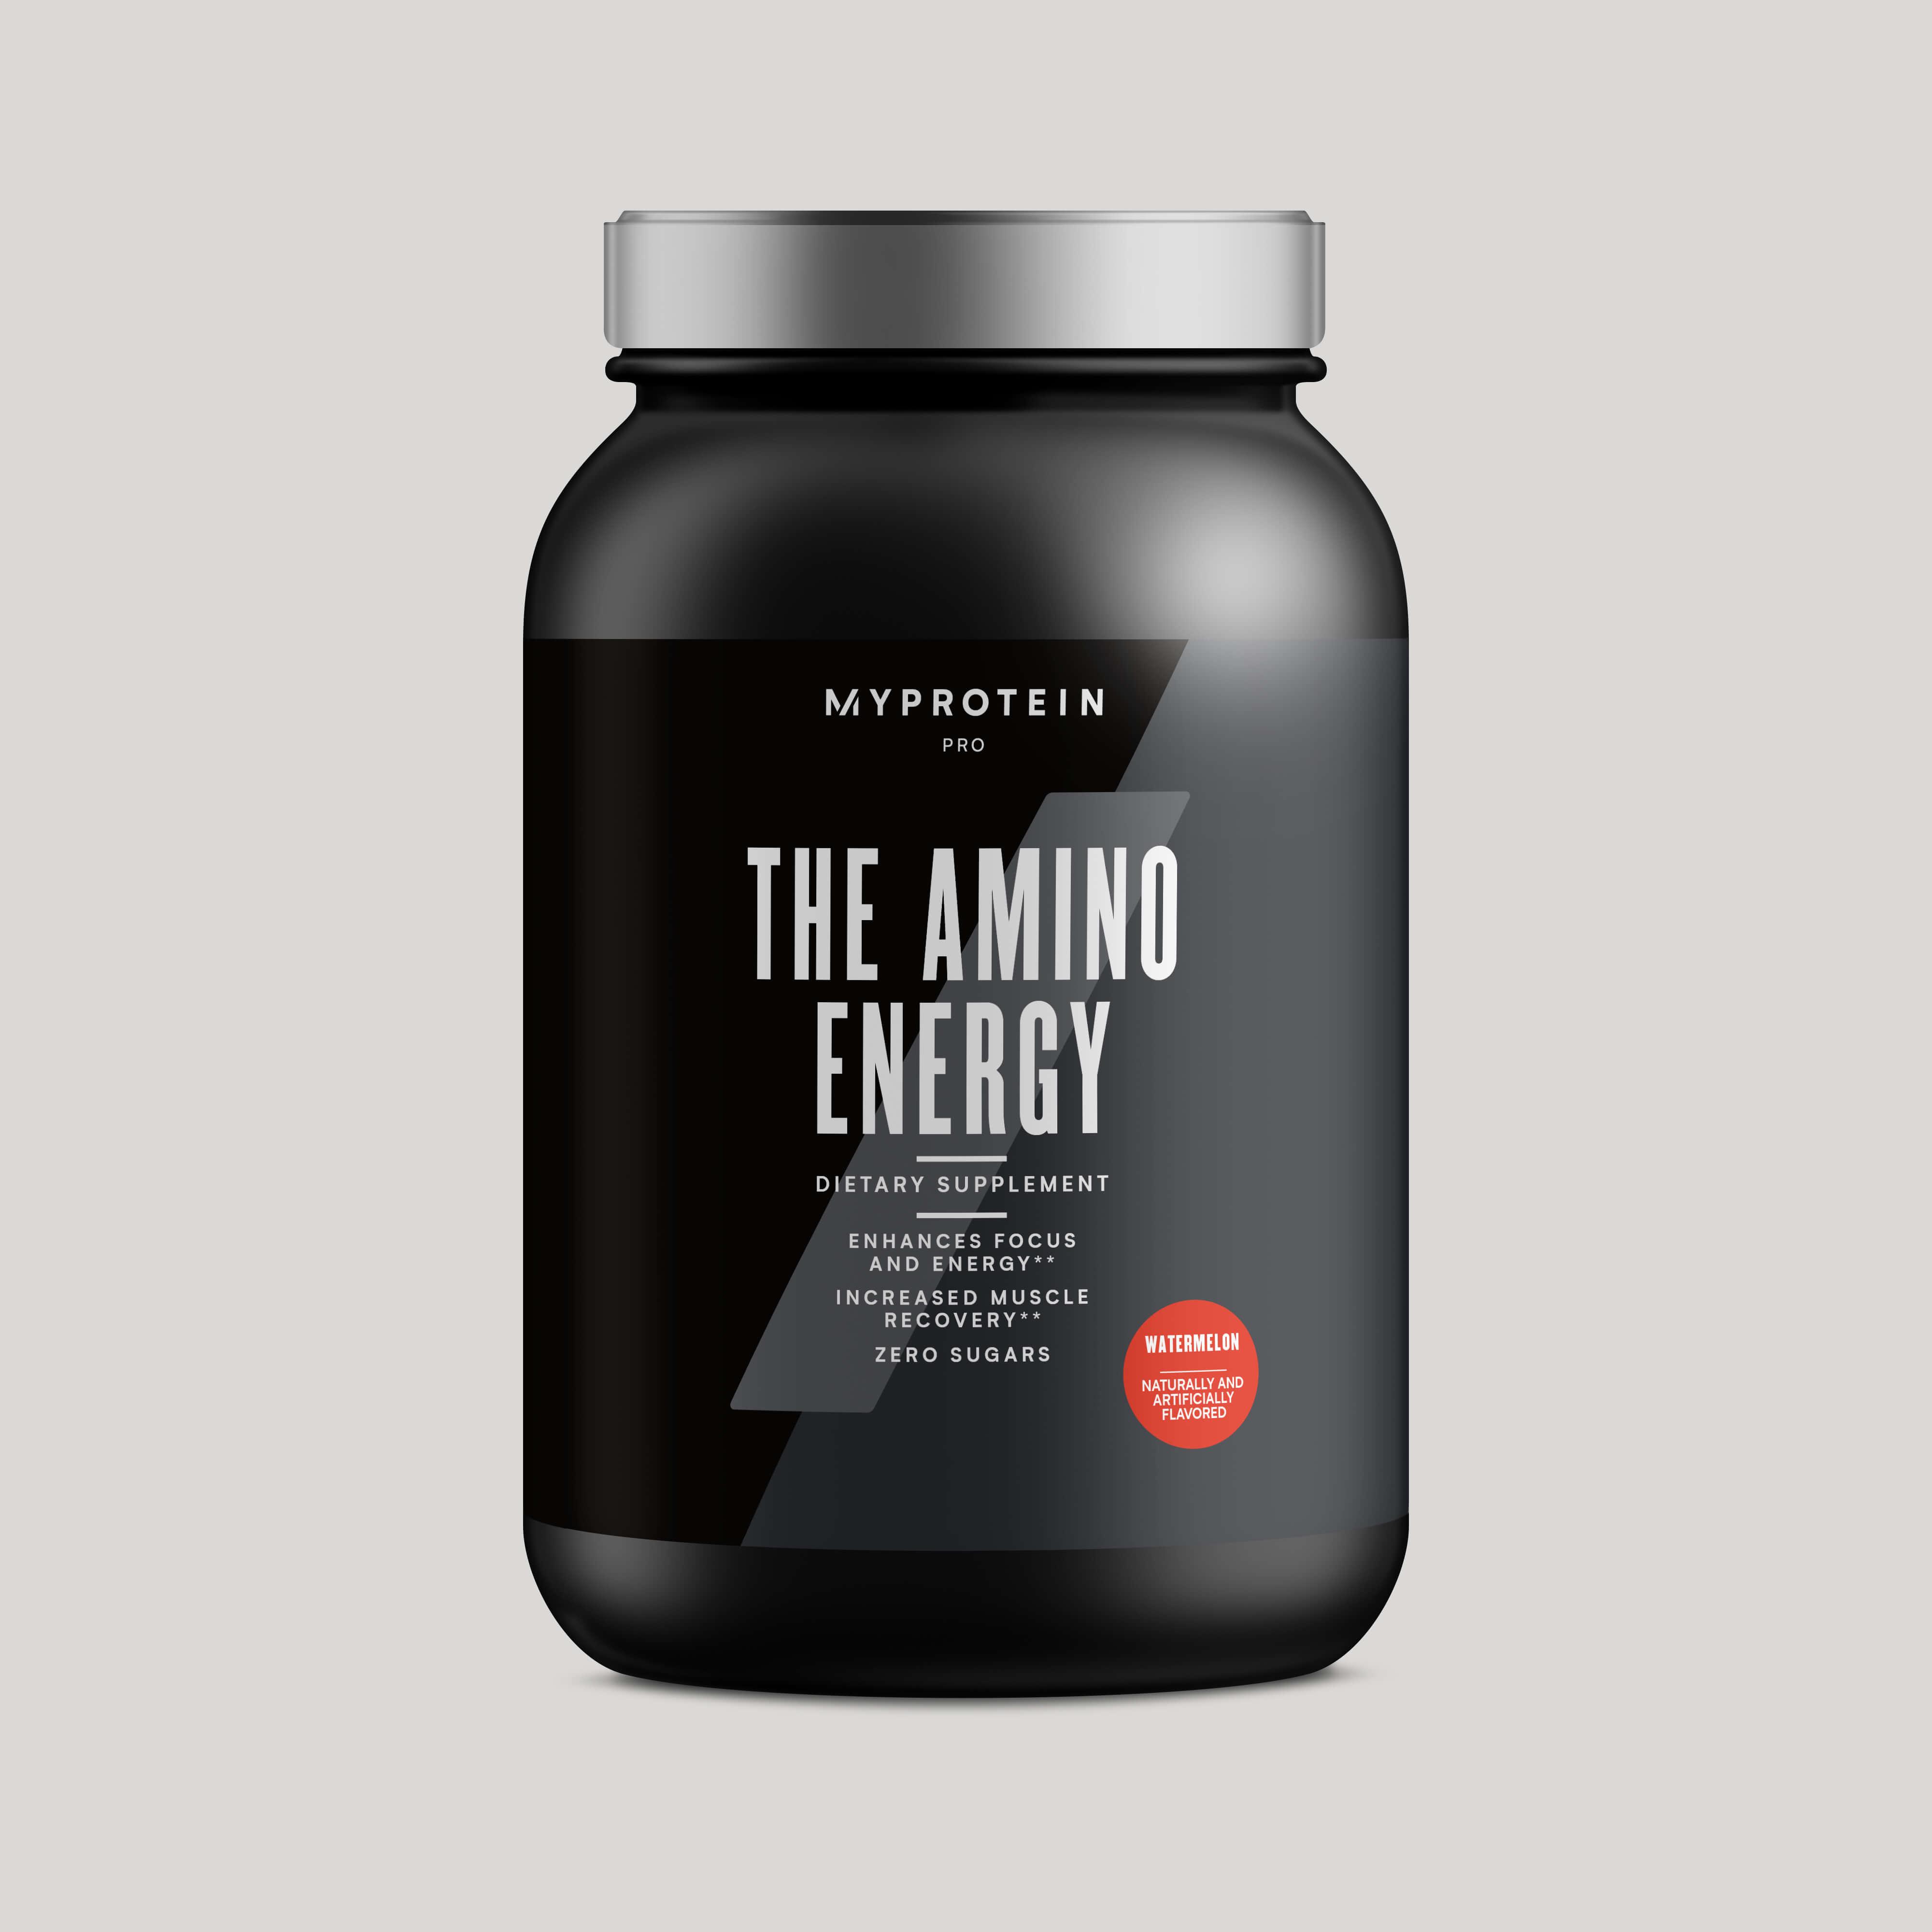 THE Amino Energy